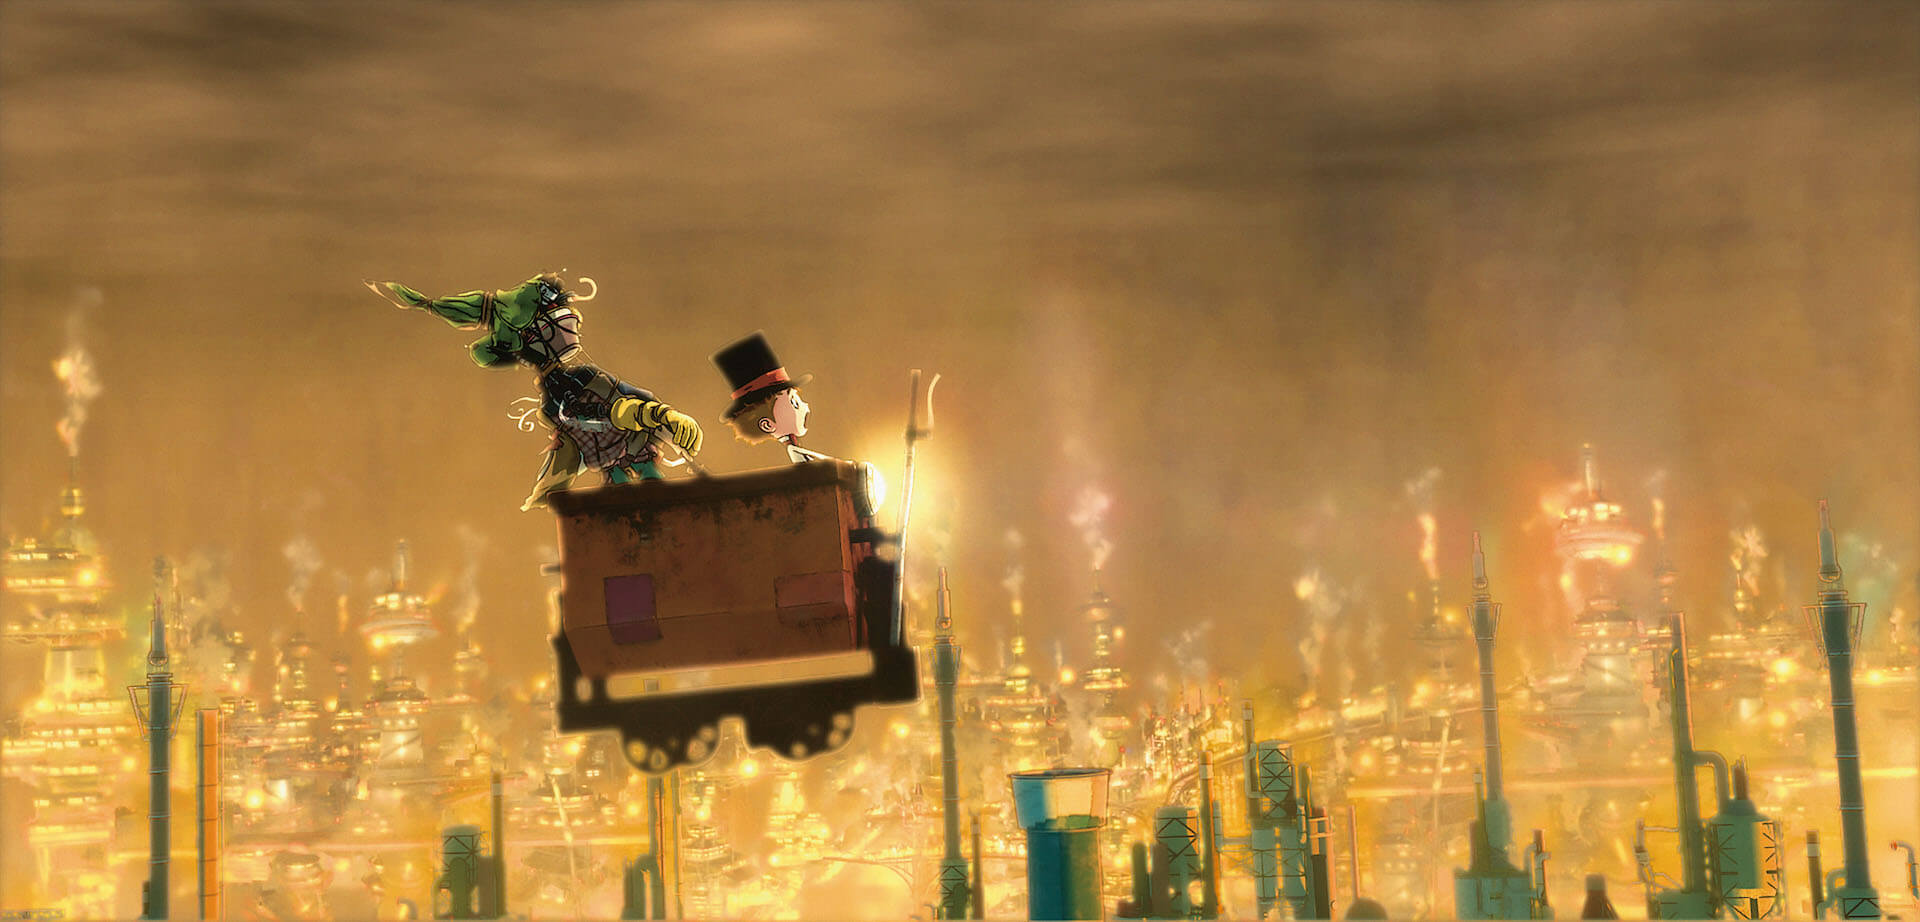 『映画 えんとつ町のプペル』の感動的な冒頭180秒が大公開!芦田愛菜演じるルビッチによるナレーションにも注目 film201216_poupelle_1